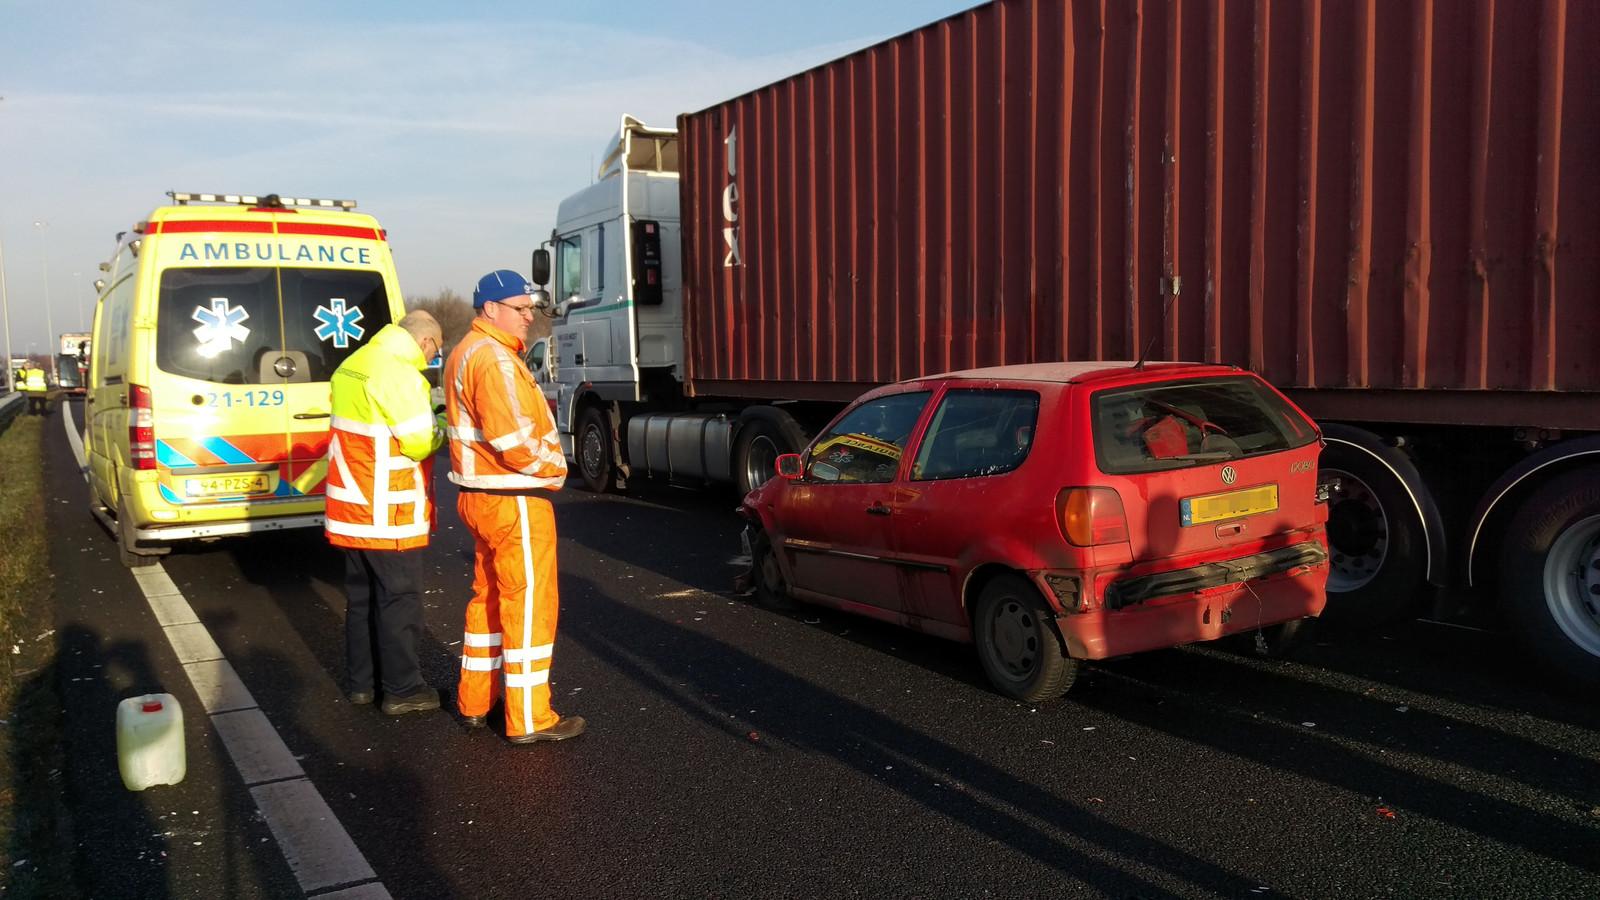 De ambulance ter plaatse bij het ongeval